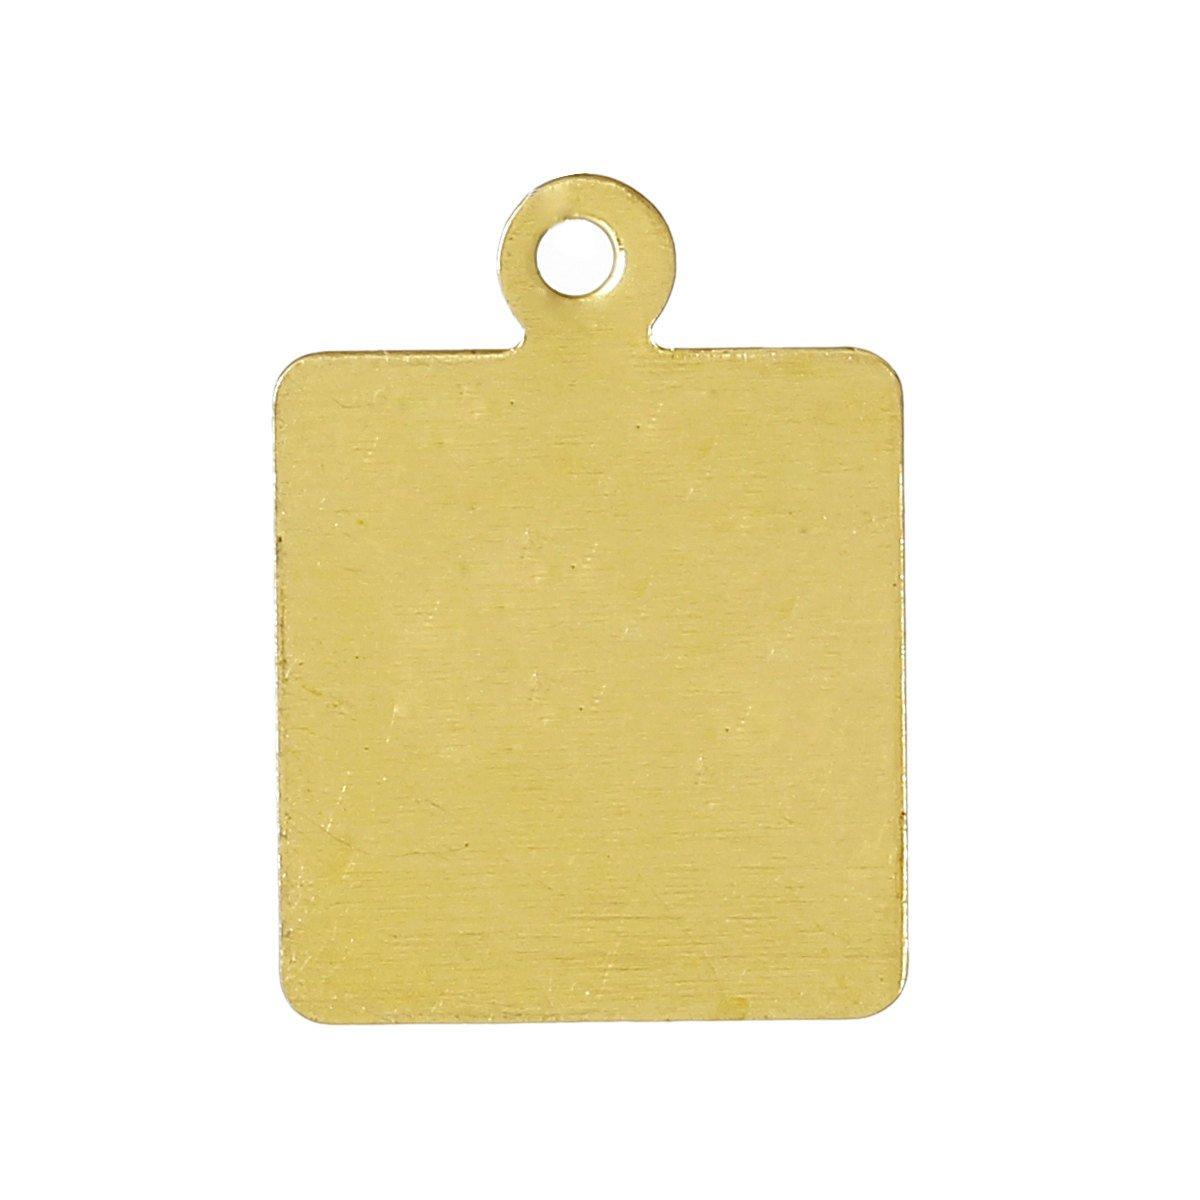 15 Gold Brass Sheet Metal Stamping Blanks Square Tag 1 Hole 17x12mm 26 Gauge Msb0184 Metal Stamping Blanks Metal Stamping Stamping Blanks